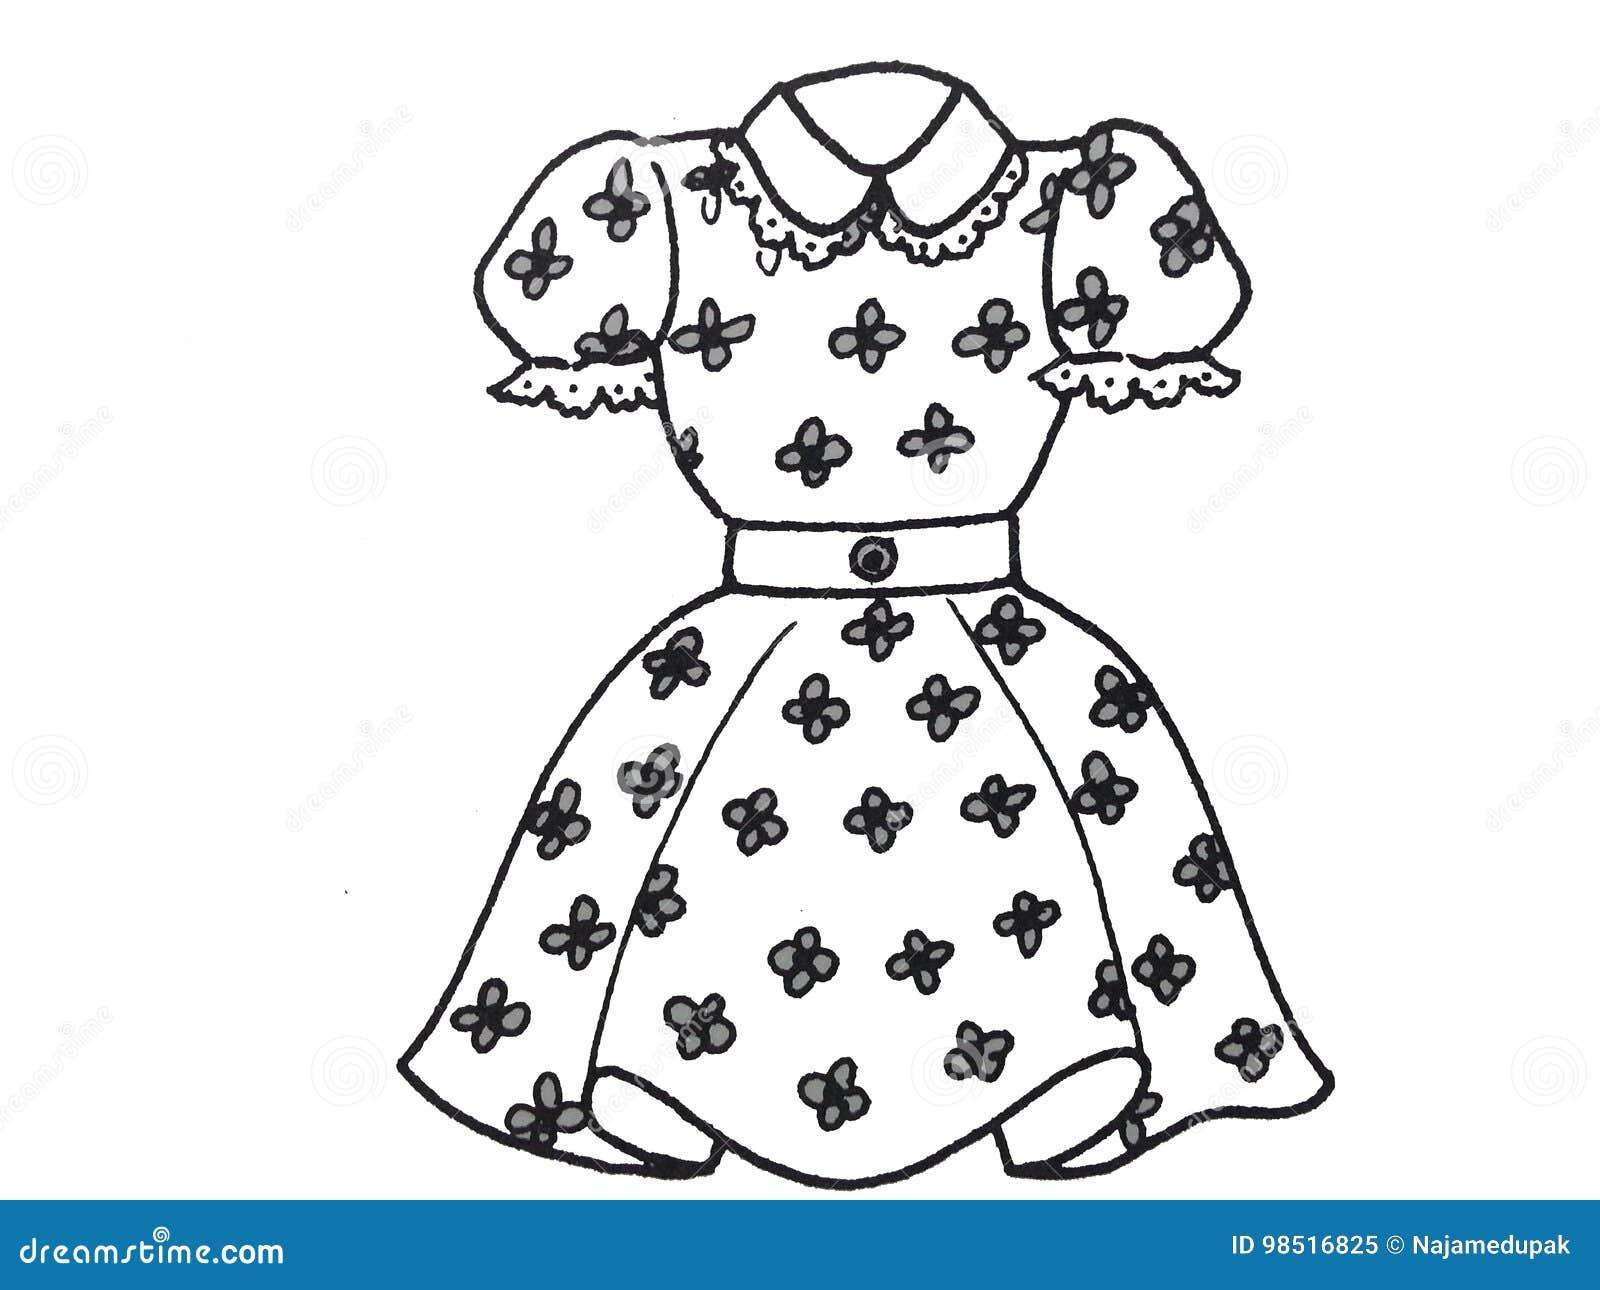 Flower Girl Dress Clipart Black And White